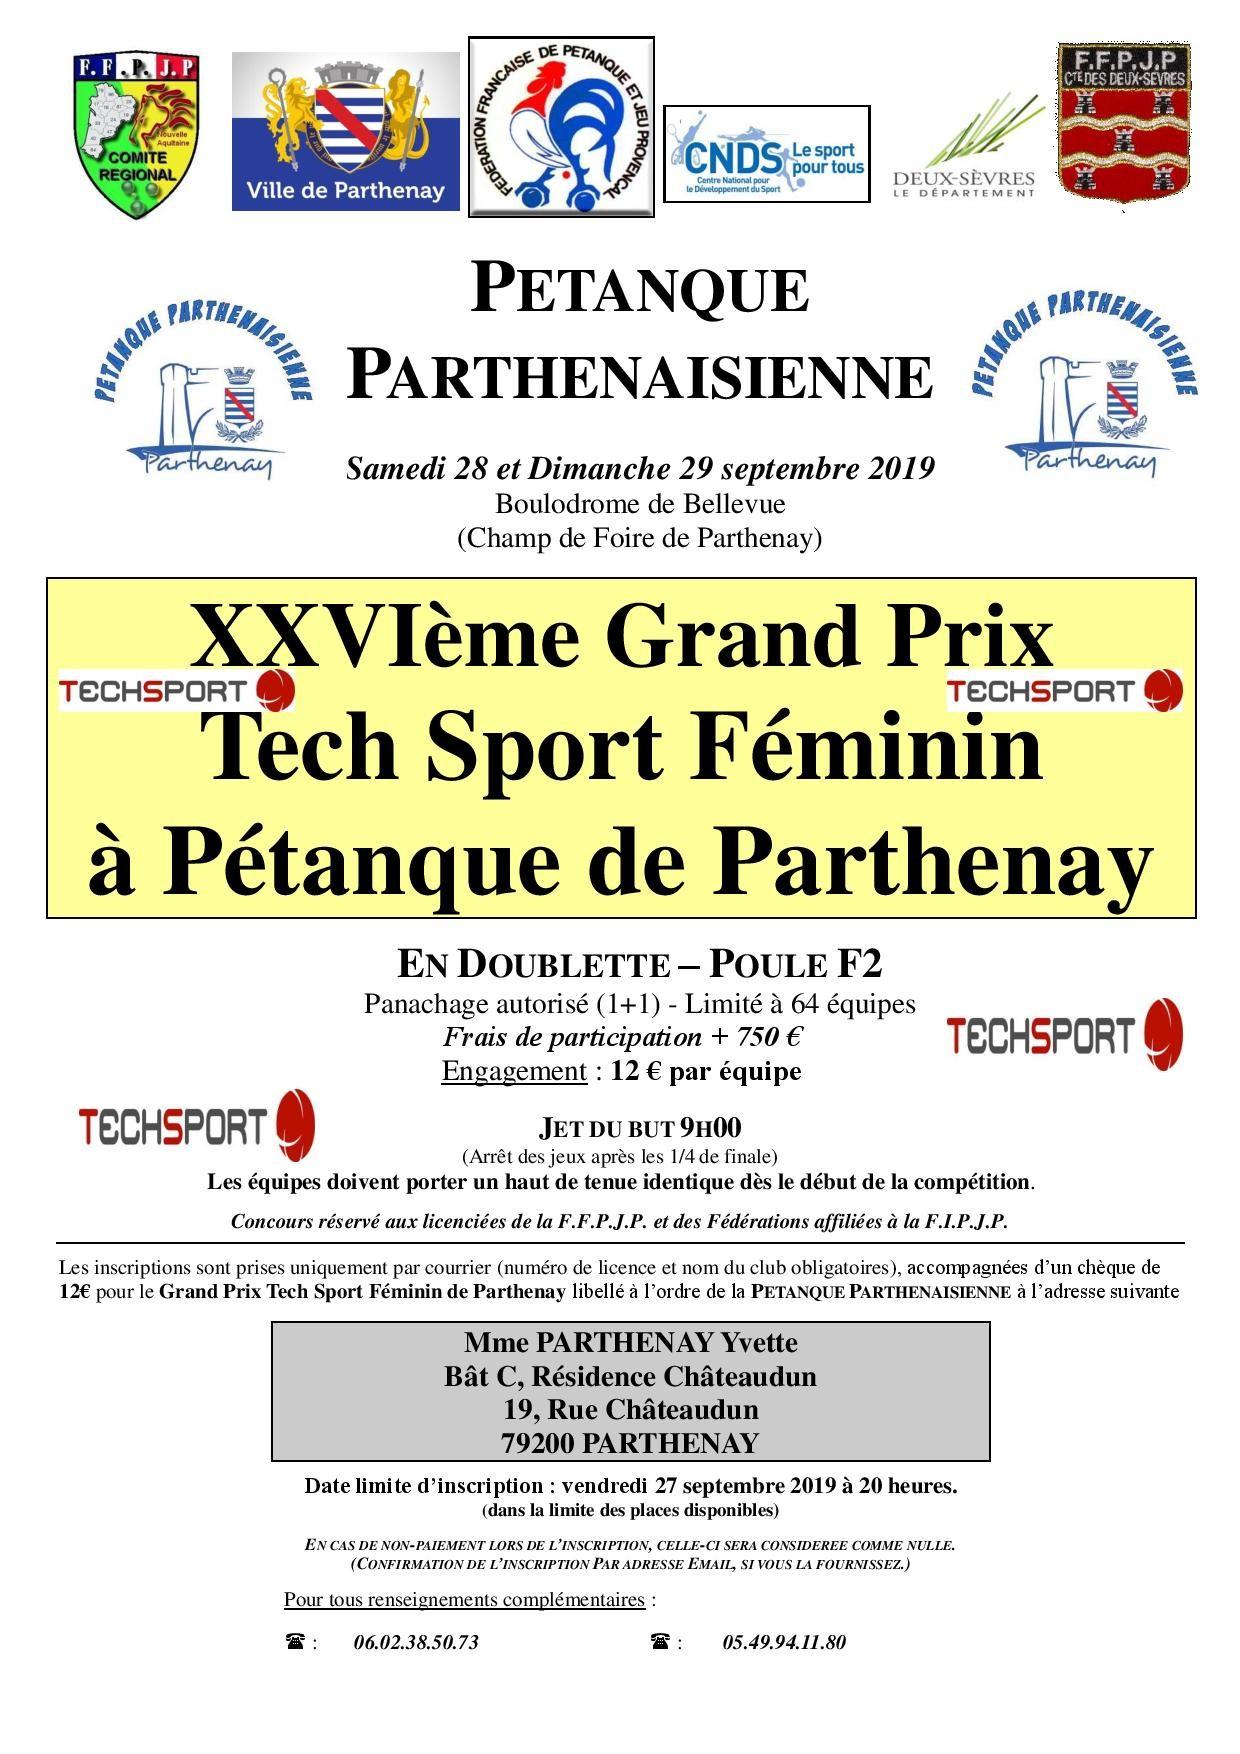 XXVIème GP Doublette Féminin Tech Sport